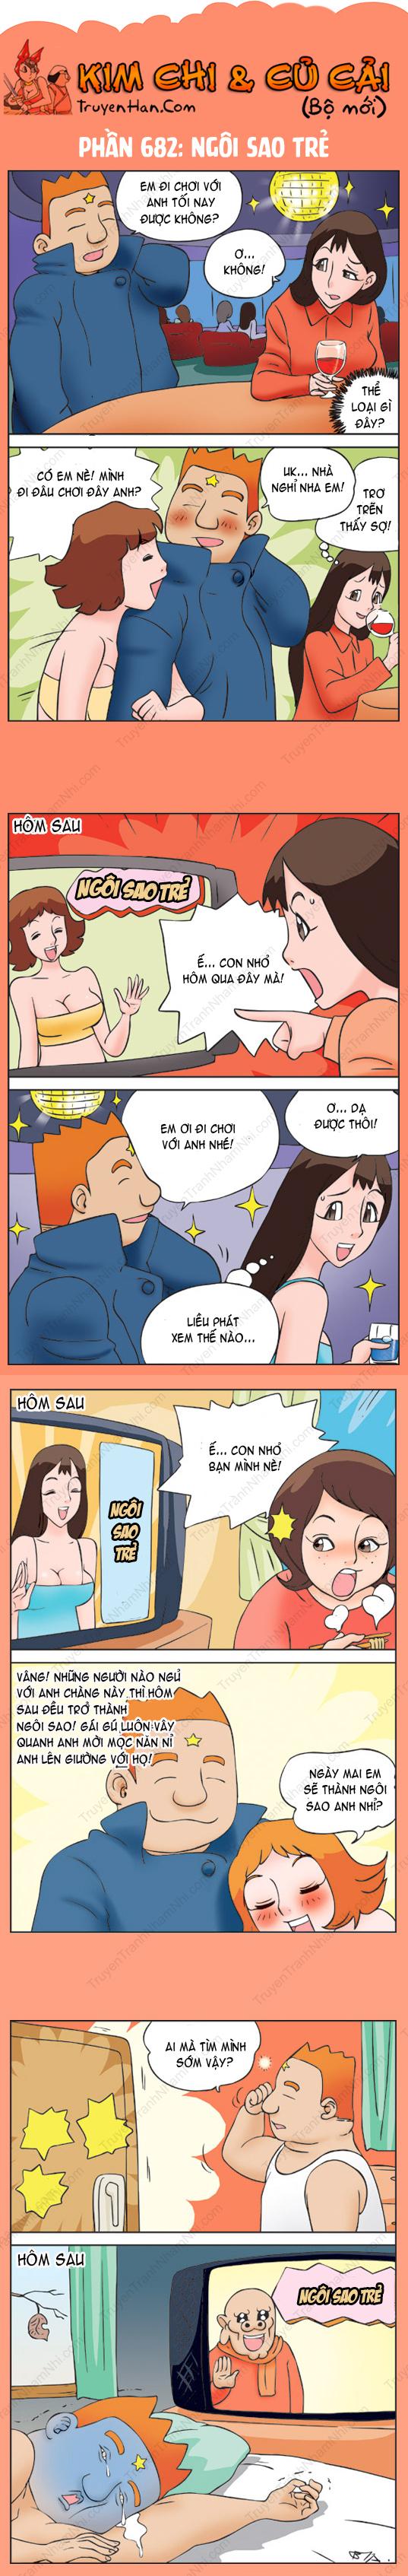 Kim Chi Và Củ Cải Phần 682: Ngôi sao trẻ